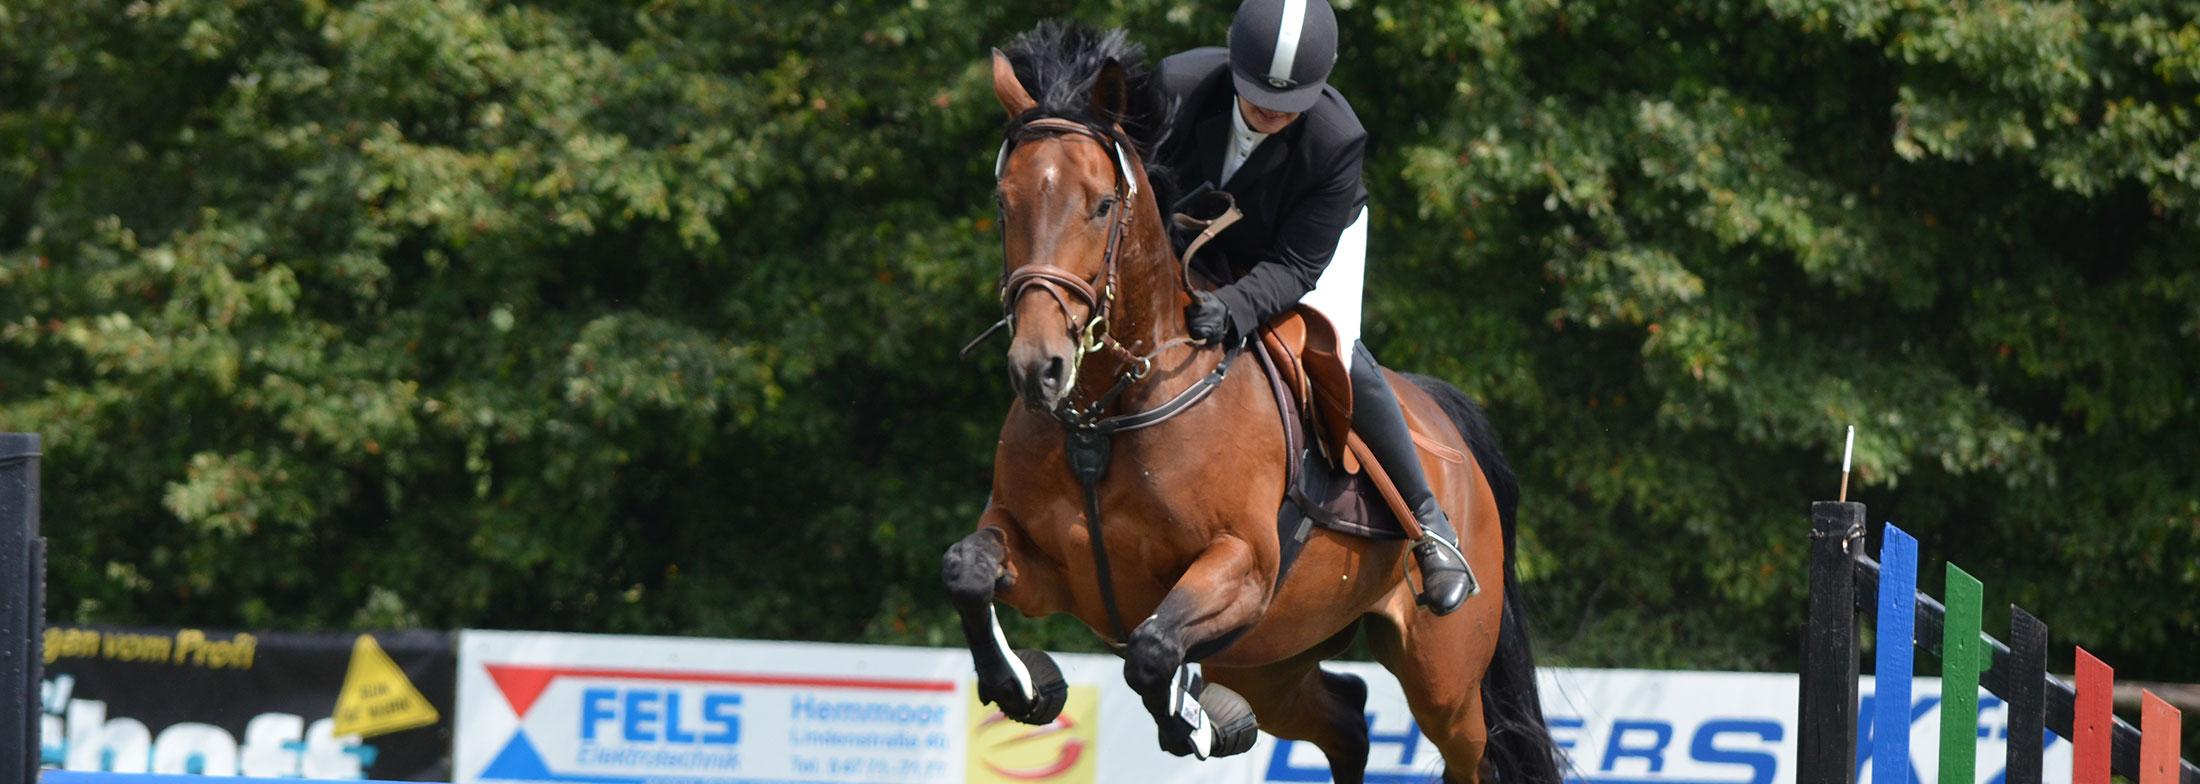 slide-horse2